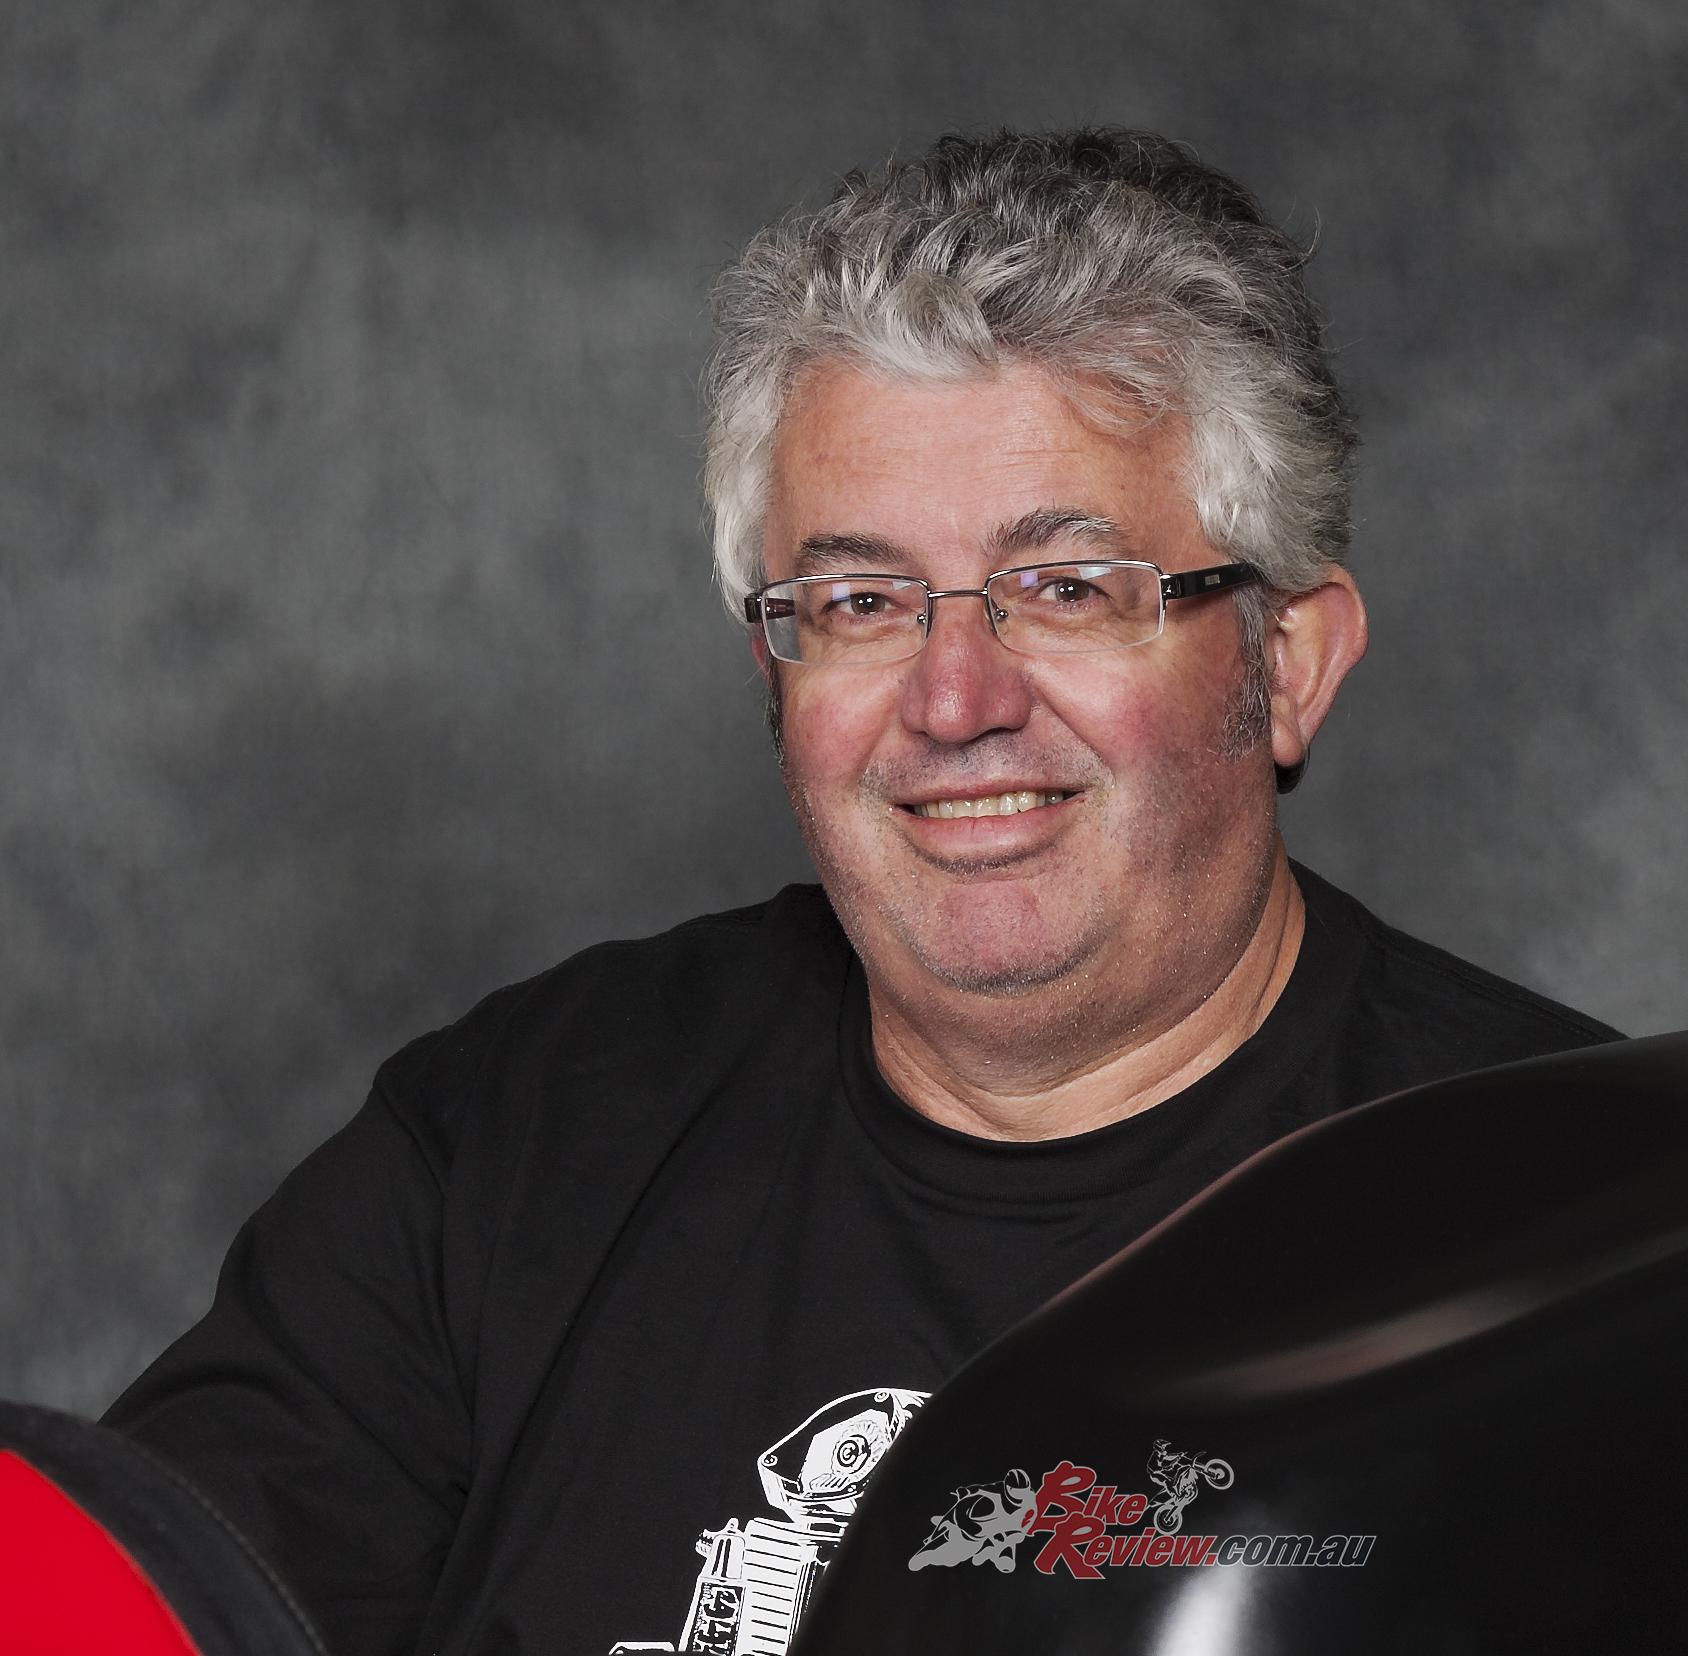 Tony Hannagan